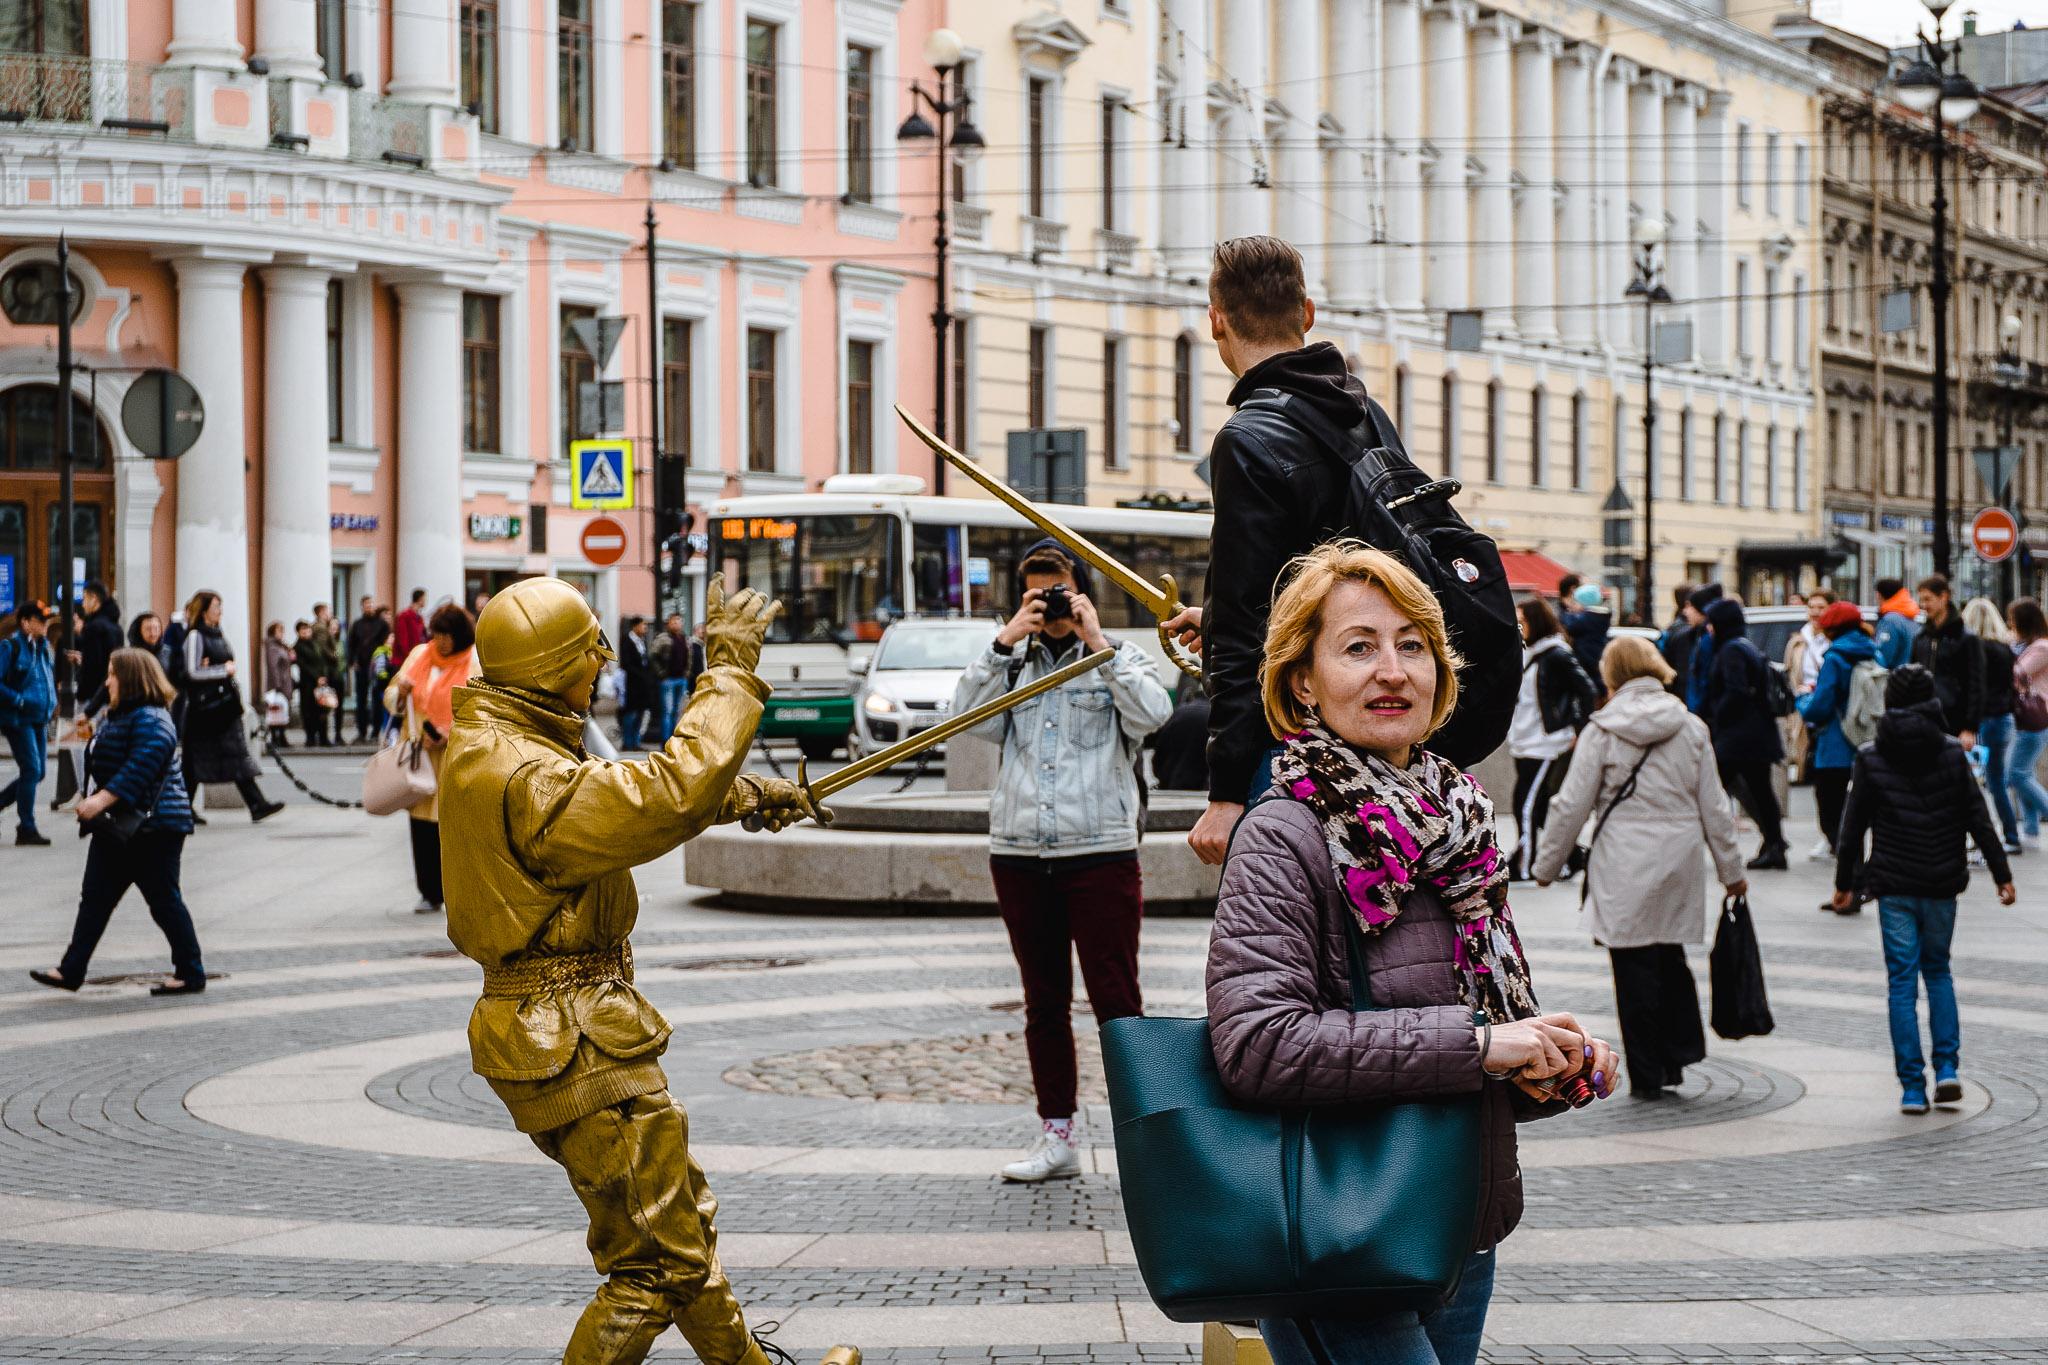 Turystyczne atrakcje w centrum Petersburga